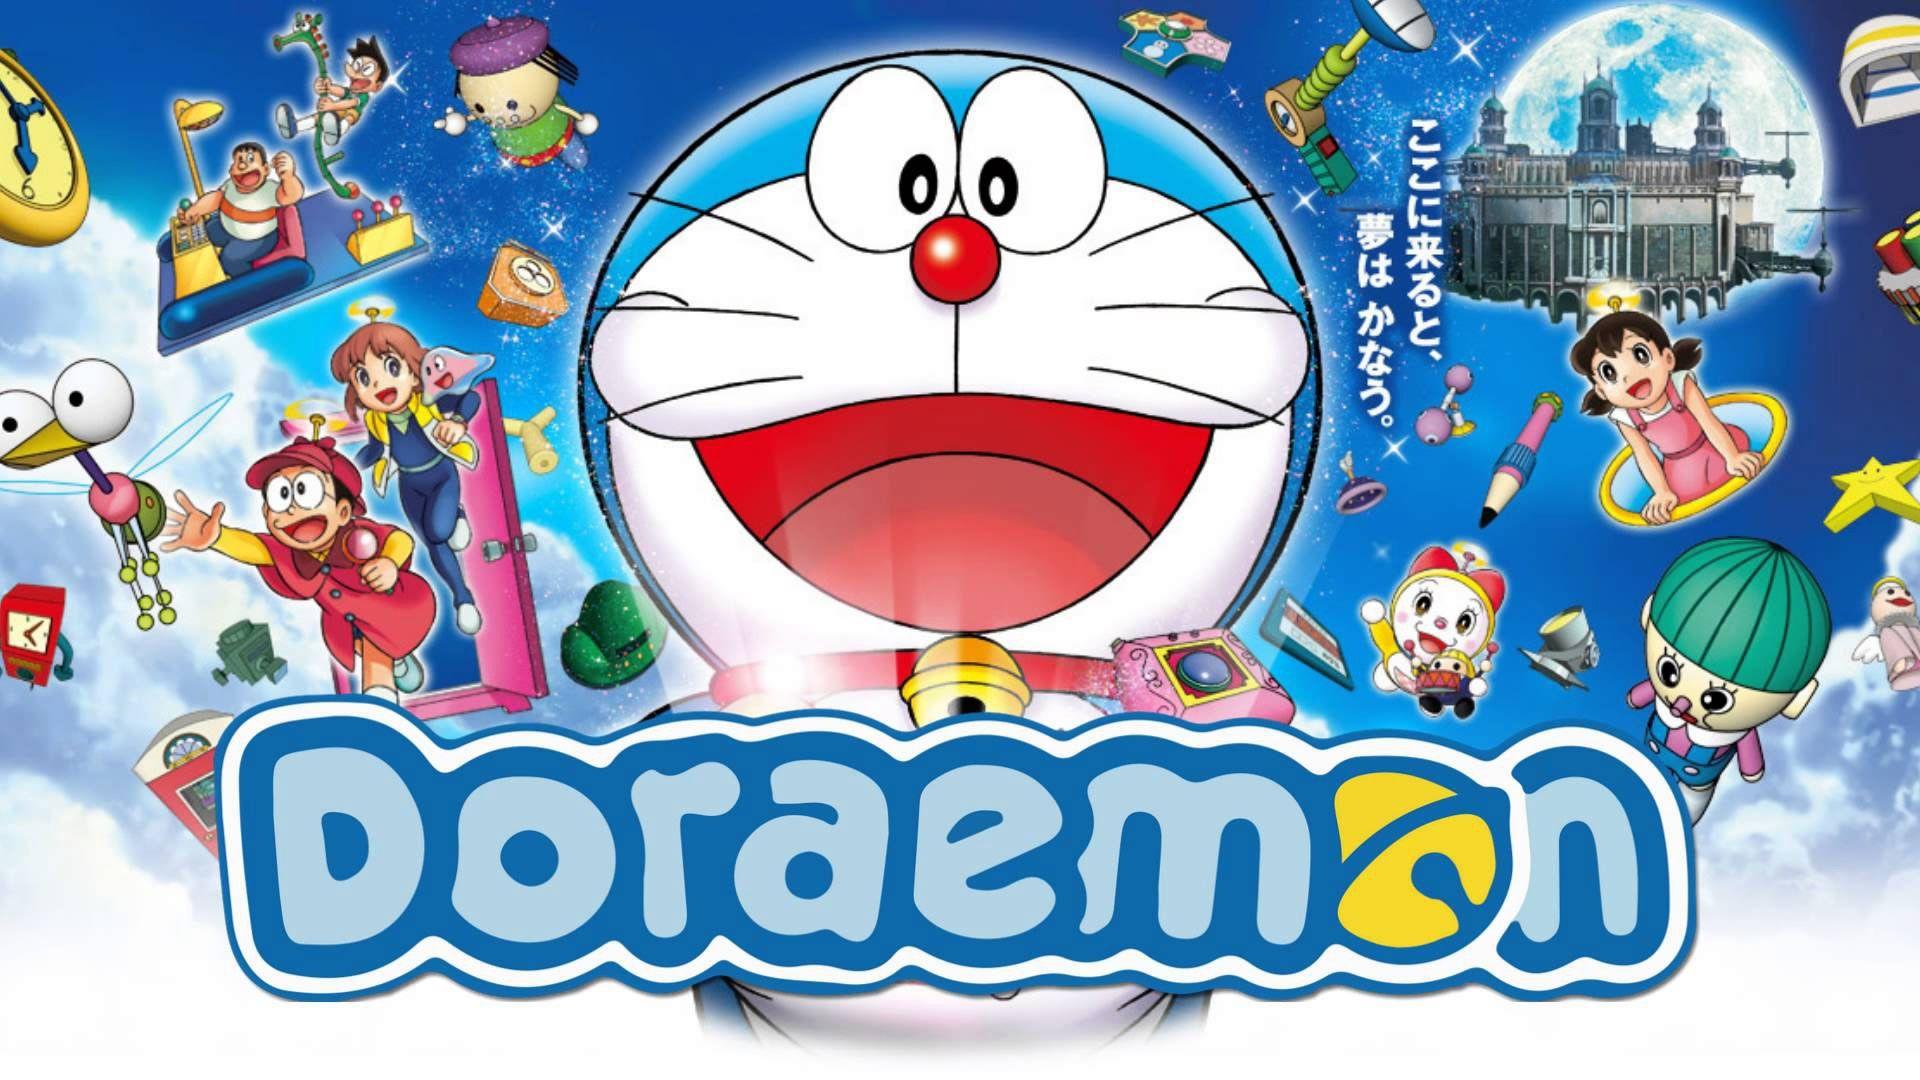 BEST WALLPAPER Wallpaper Pc Doraemon